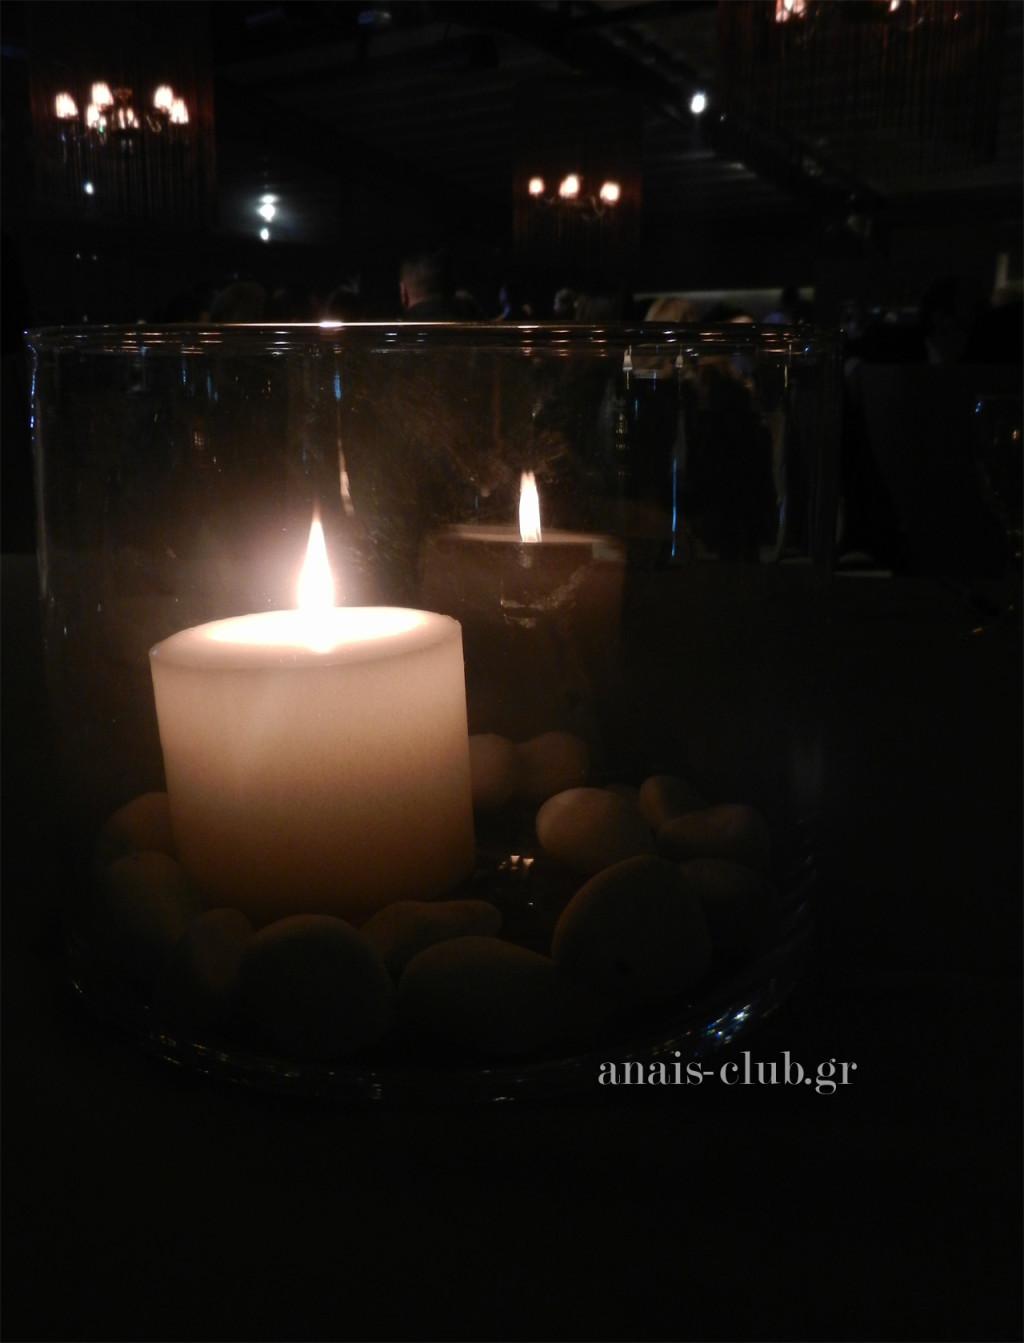 Απλός και ρομαντικός ο στολισμός των τραπεζιών των καλεσμένων, με τις κυλινδρικές γυάλες μας να έχουν στο κέντρο τους λευκά κεριά, που περιβάλλονται από λευκά βότσαλα